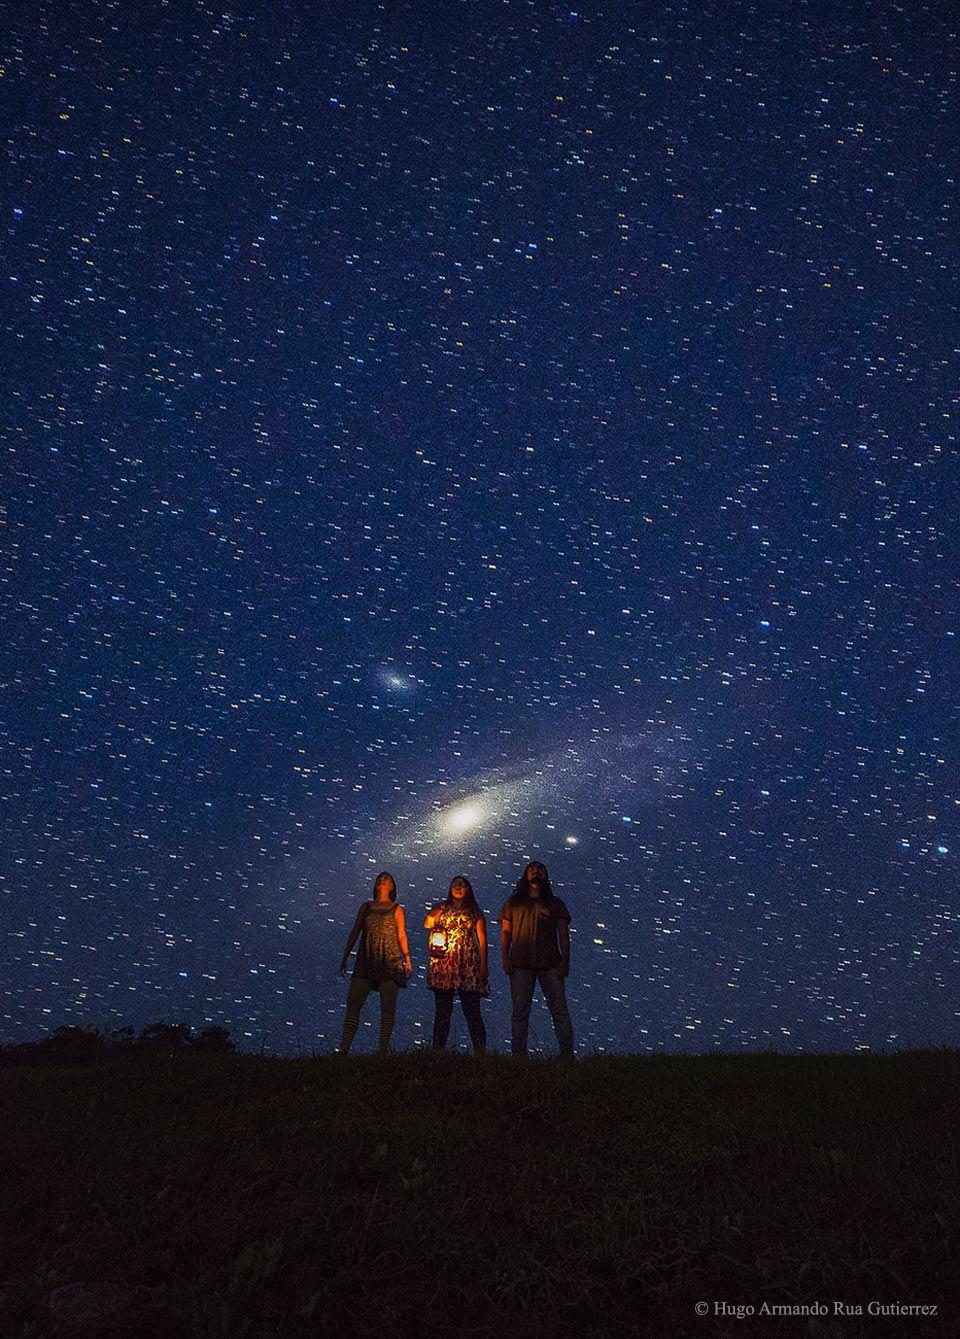 La vecina más notoria de la Vía Láctea, Andrómeda